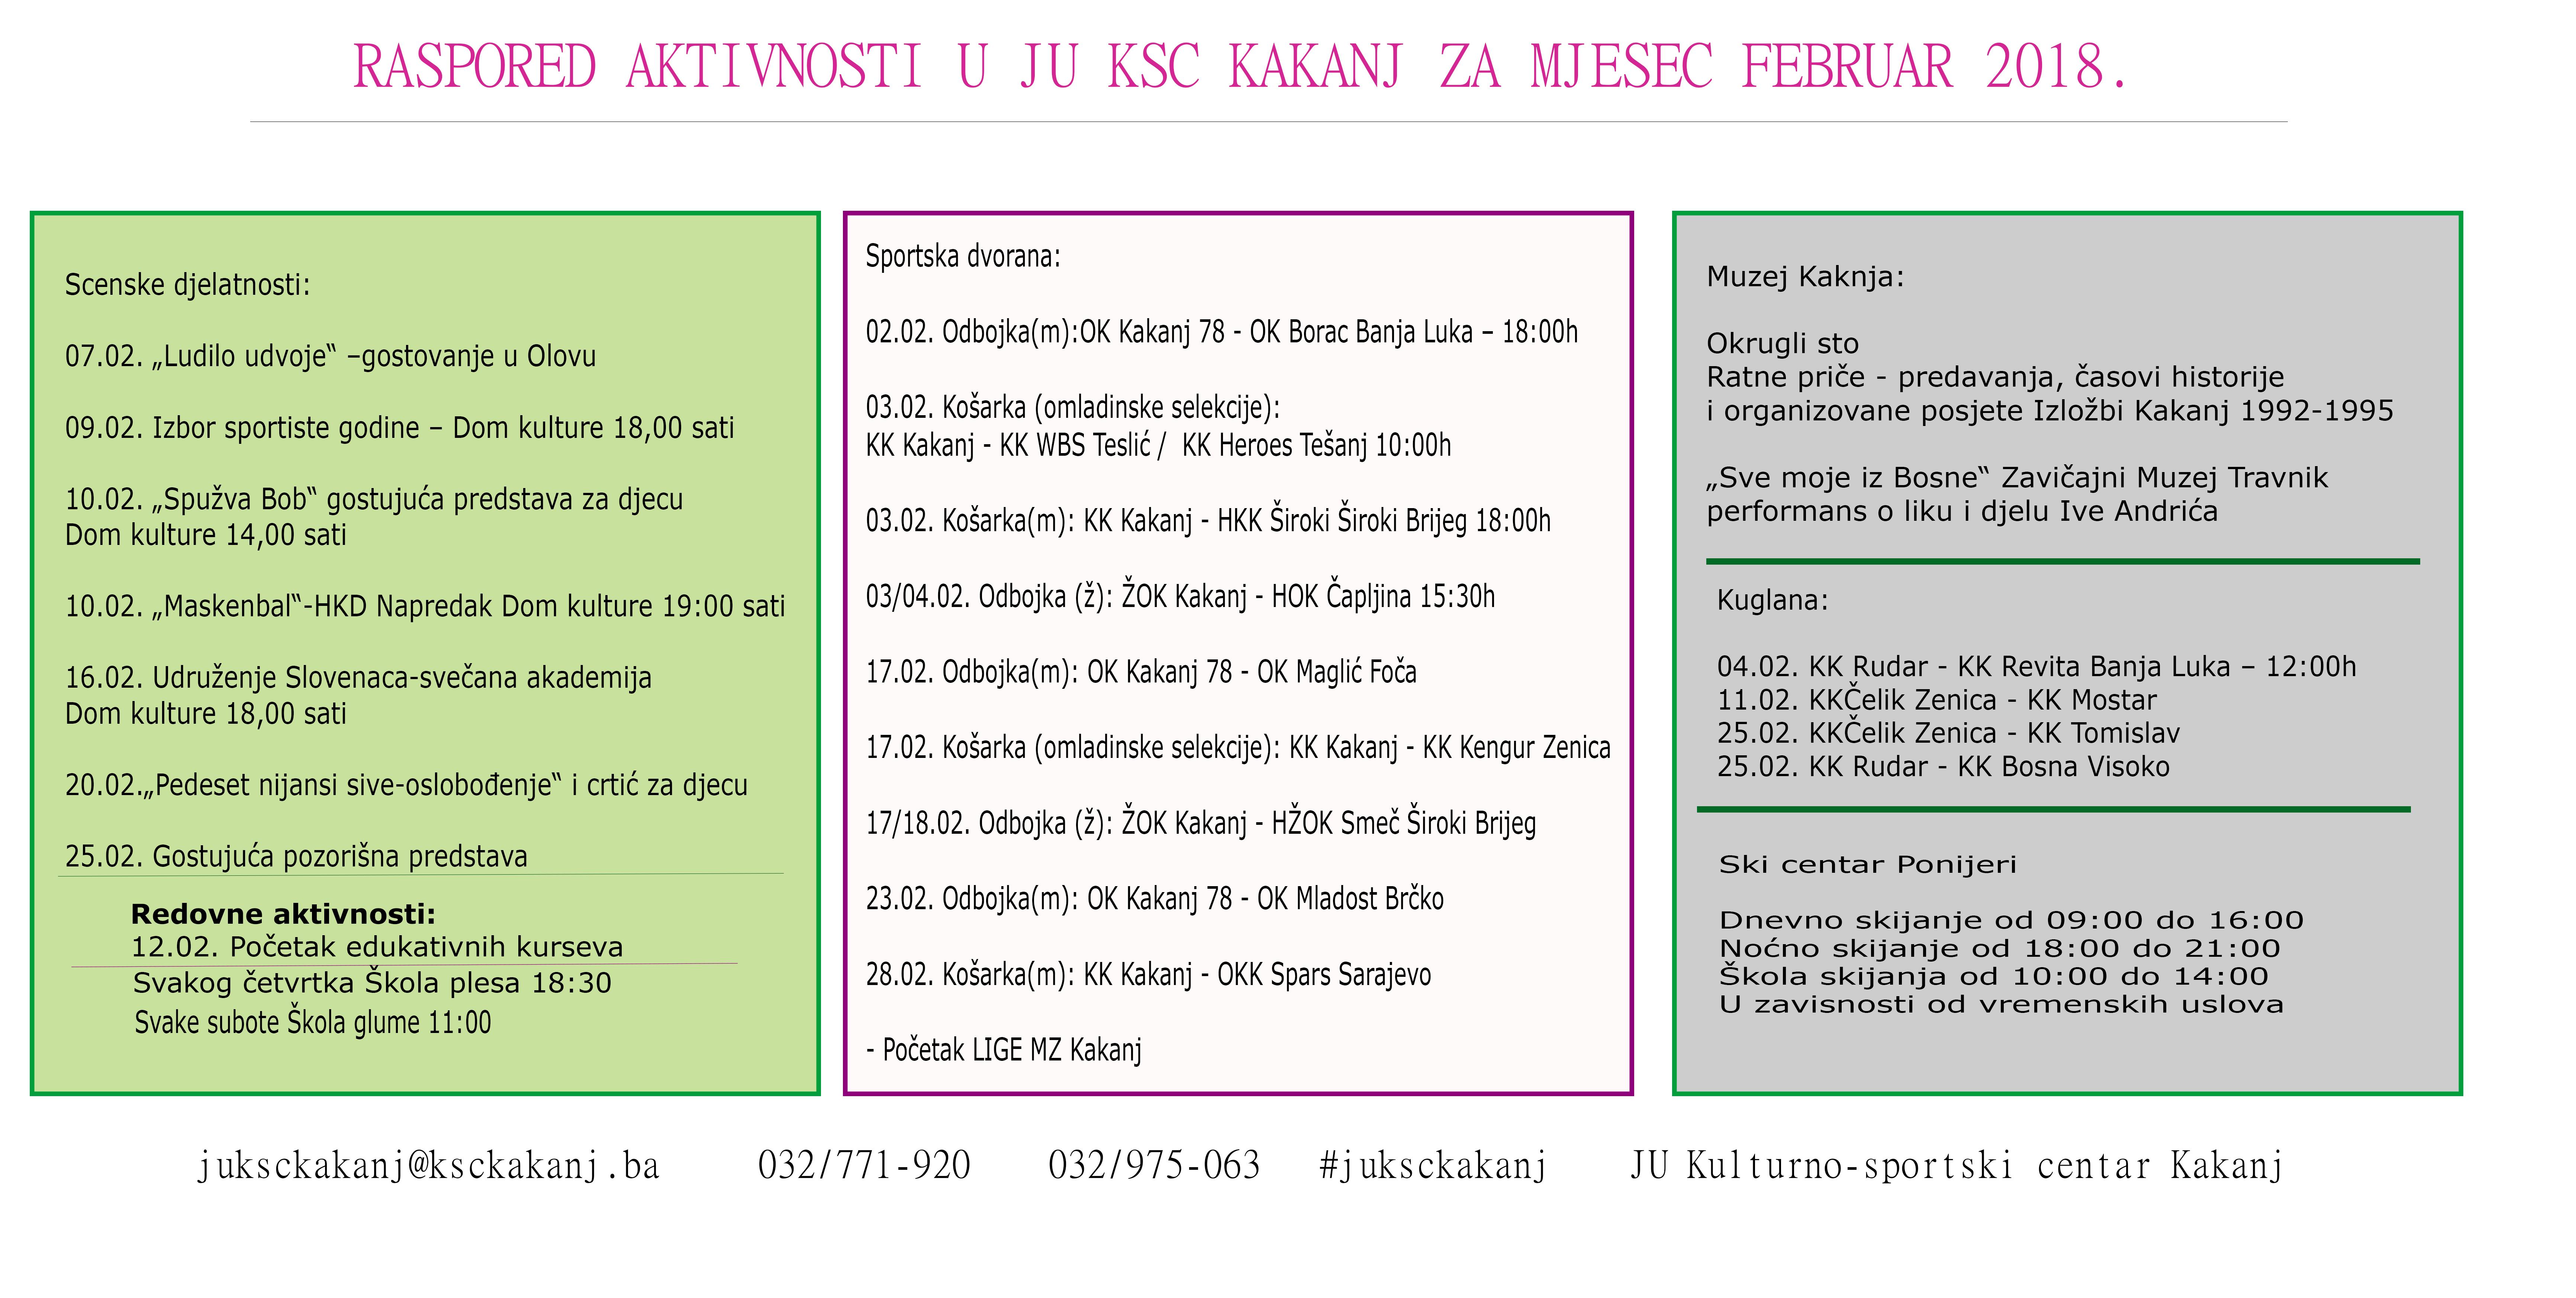 Pogledajte raspored aktivnosti u JU KSC Kakanj za mjesec februar 2018. godine